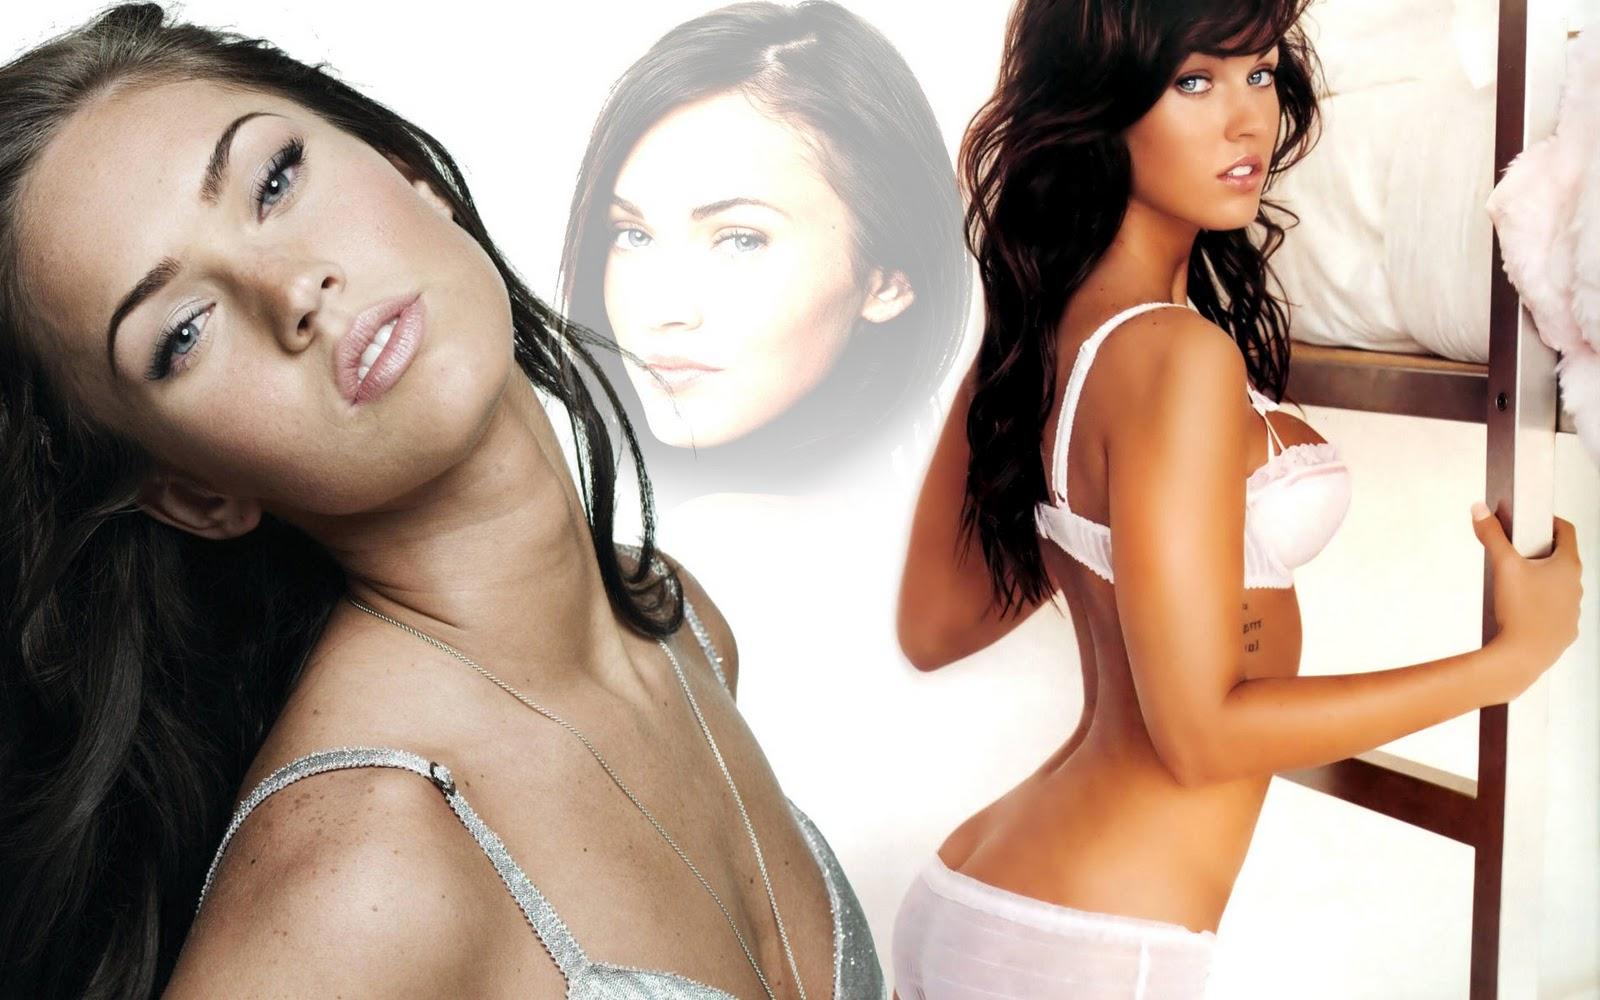 http://4.bp.blogspot.com/-7LMEd0sUaIE/TwgAwLJIWfI/AAAAAAAAAls/BxUNXjT7py0/s1600/Megan+Fox+Wallpapers+HD+3.jpg